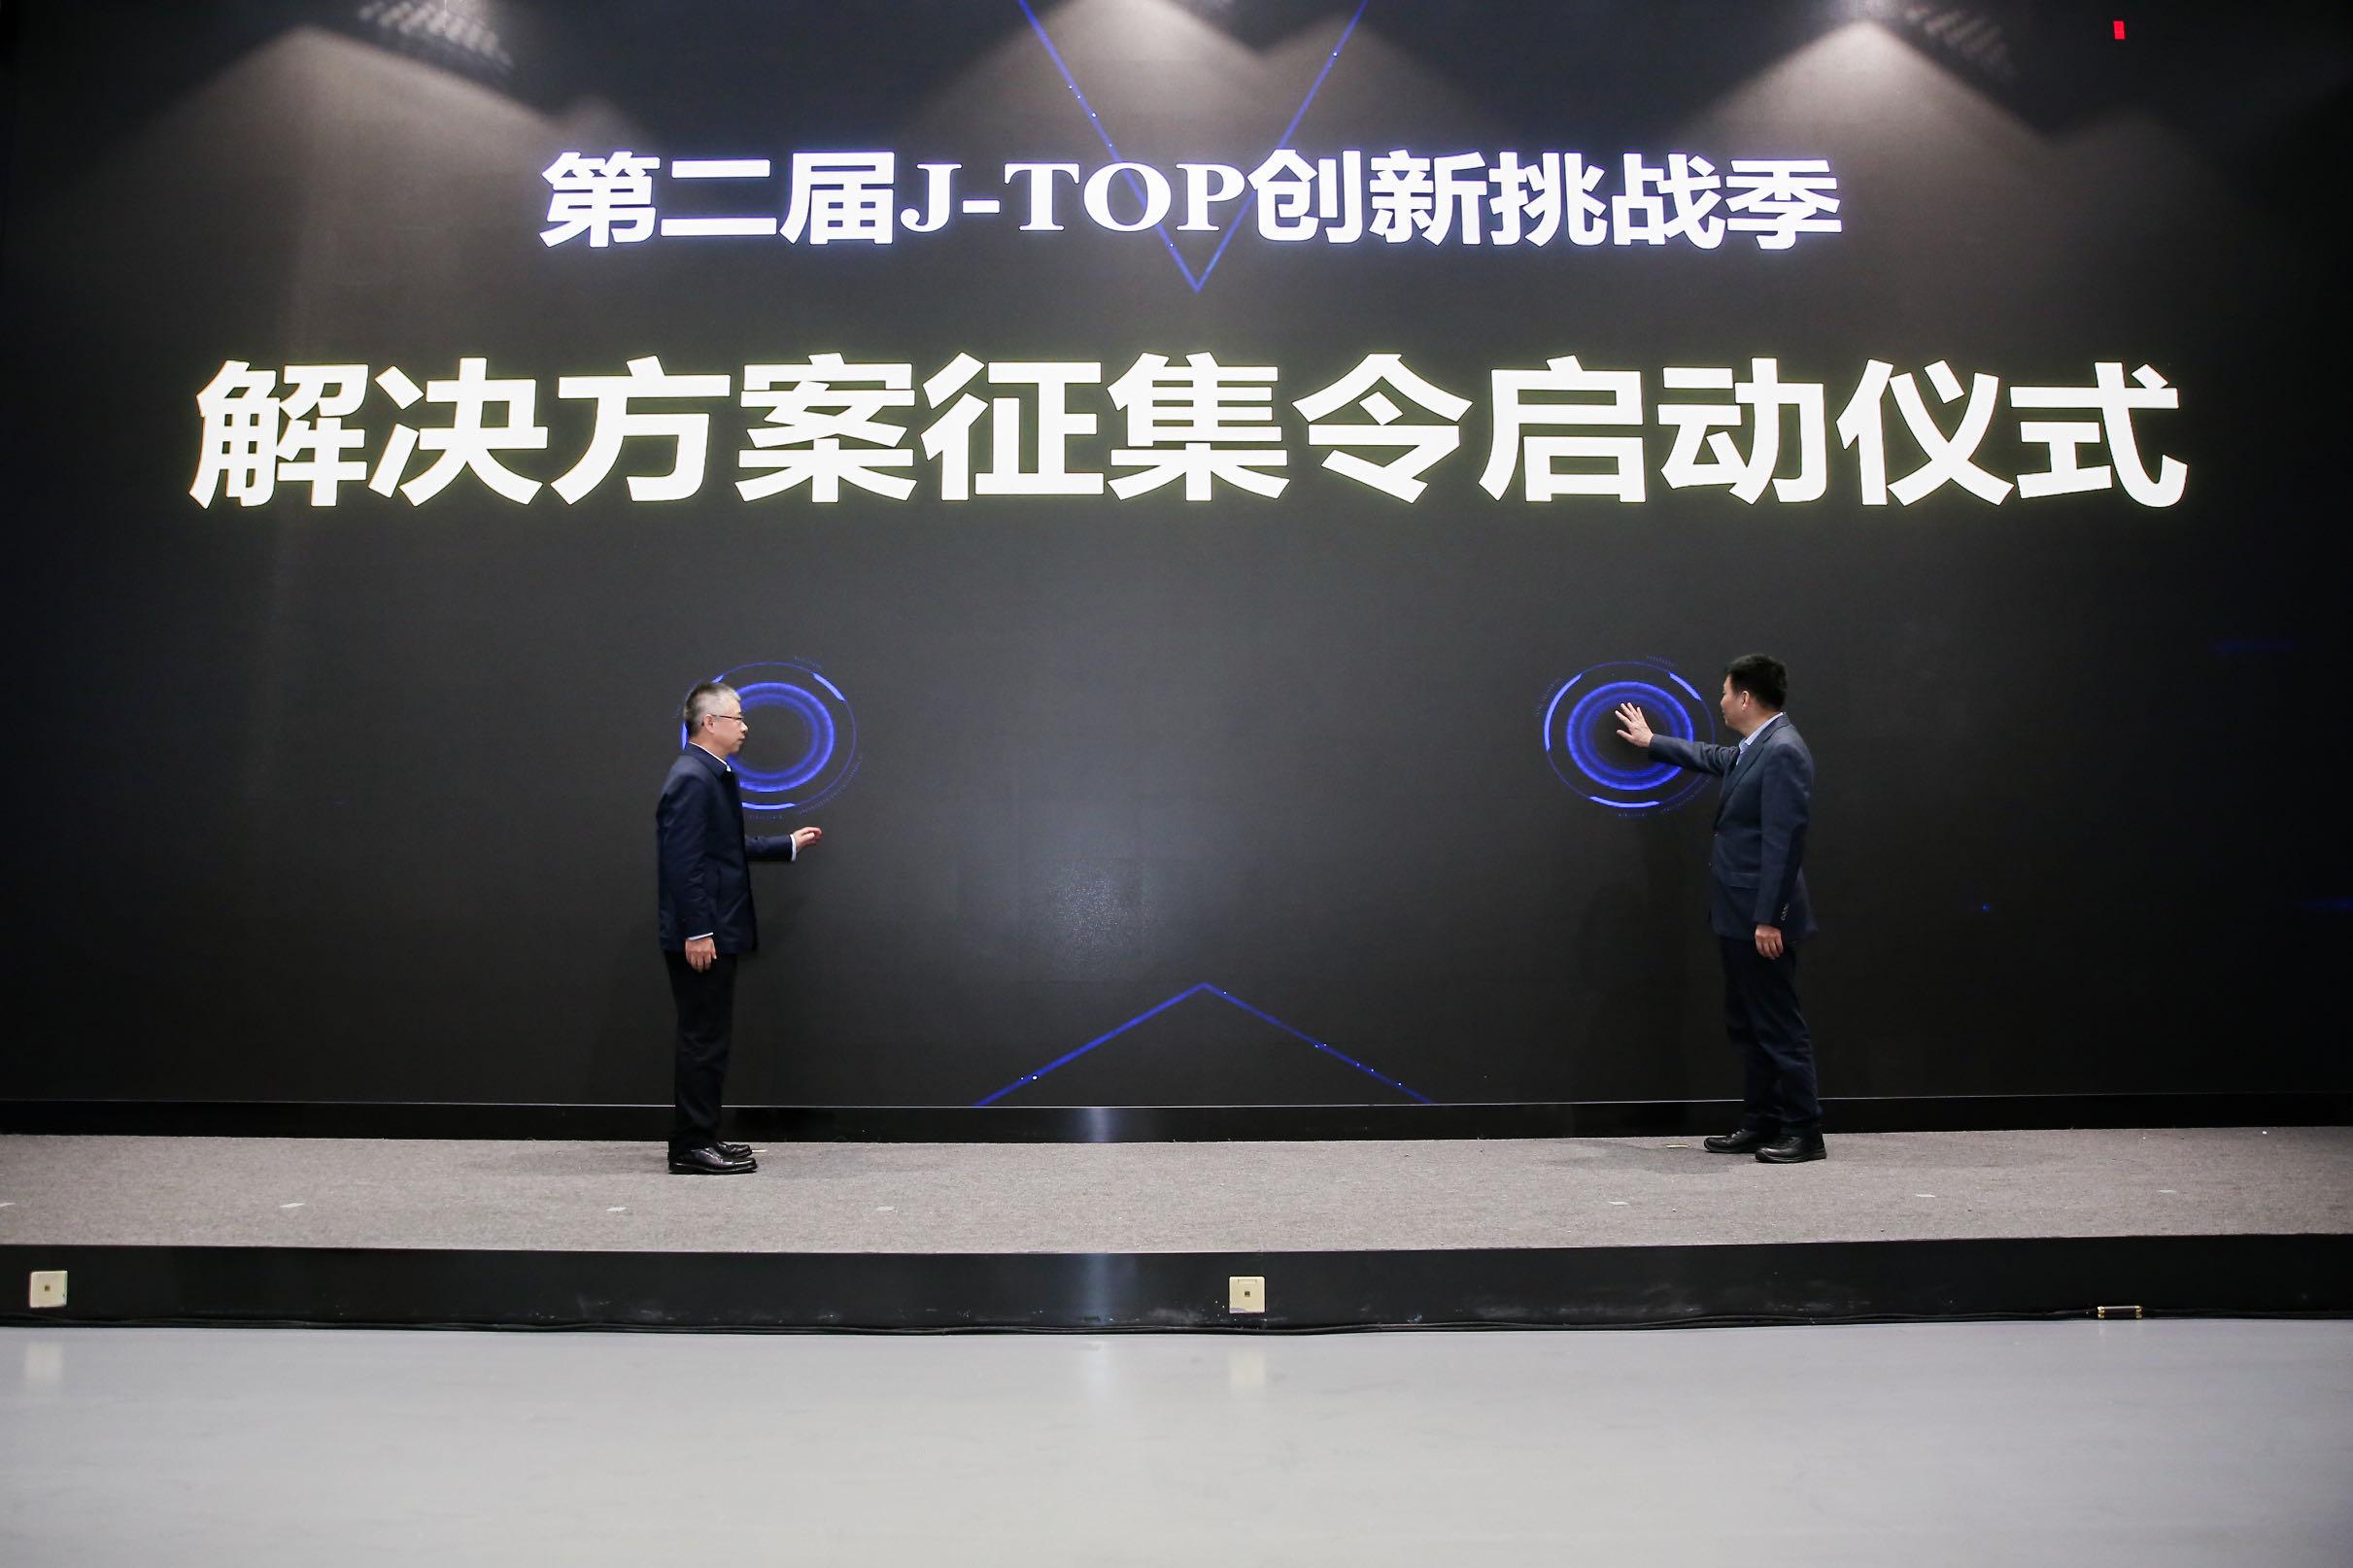 2億元の技術懸賞で企業の技術課題を解決 江蘇省